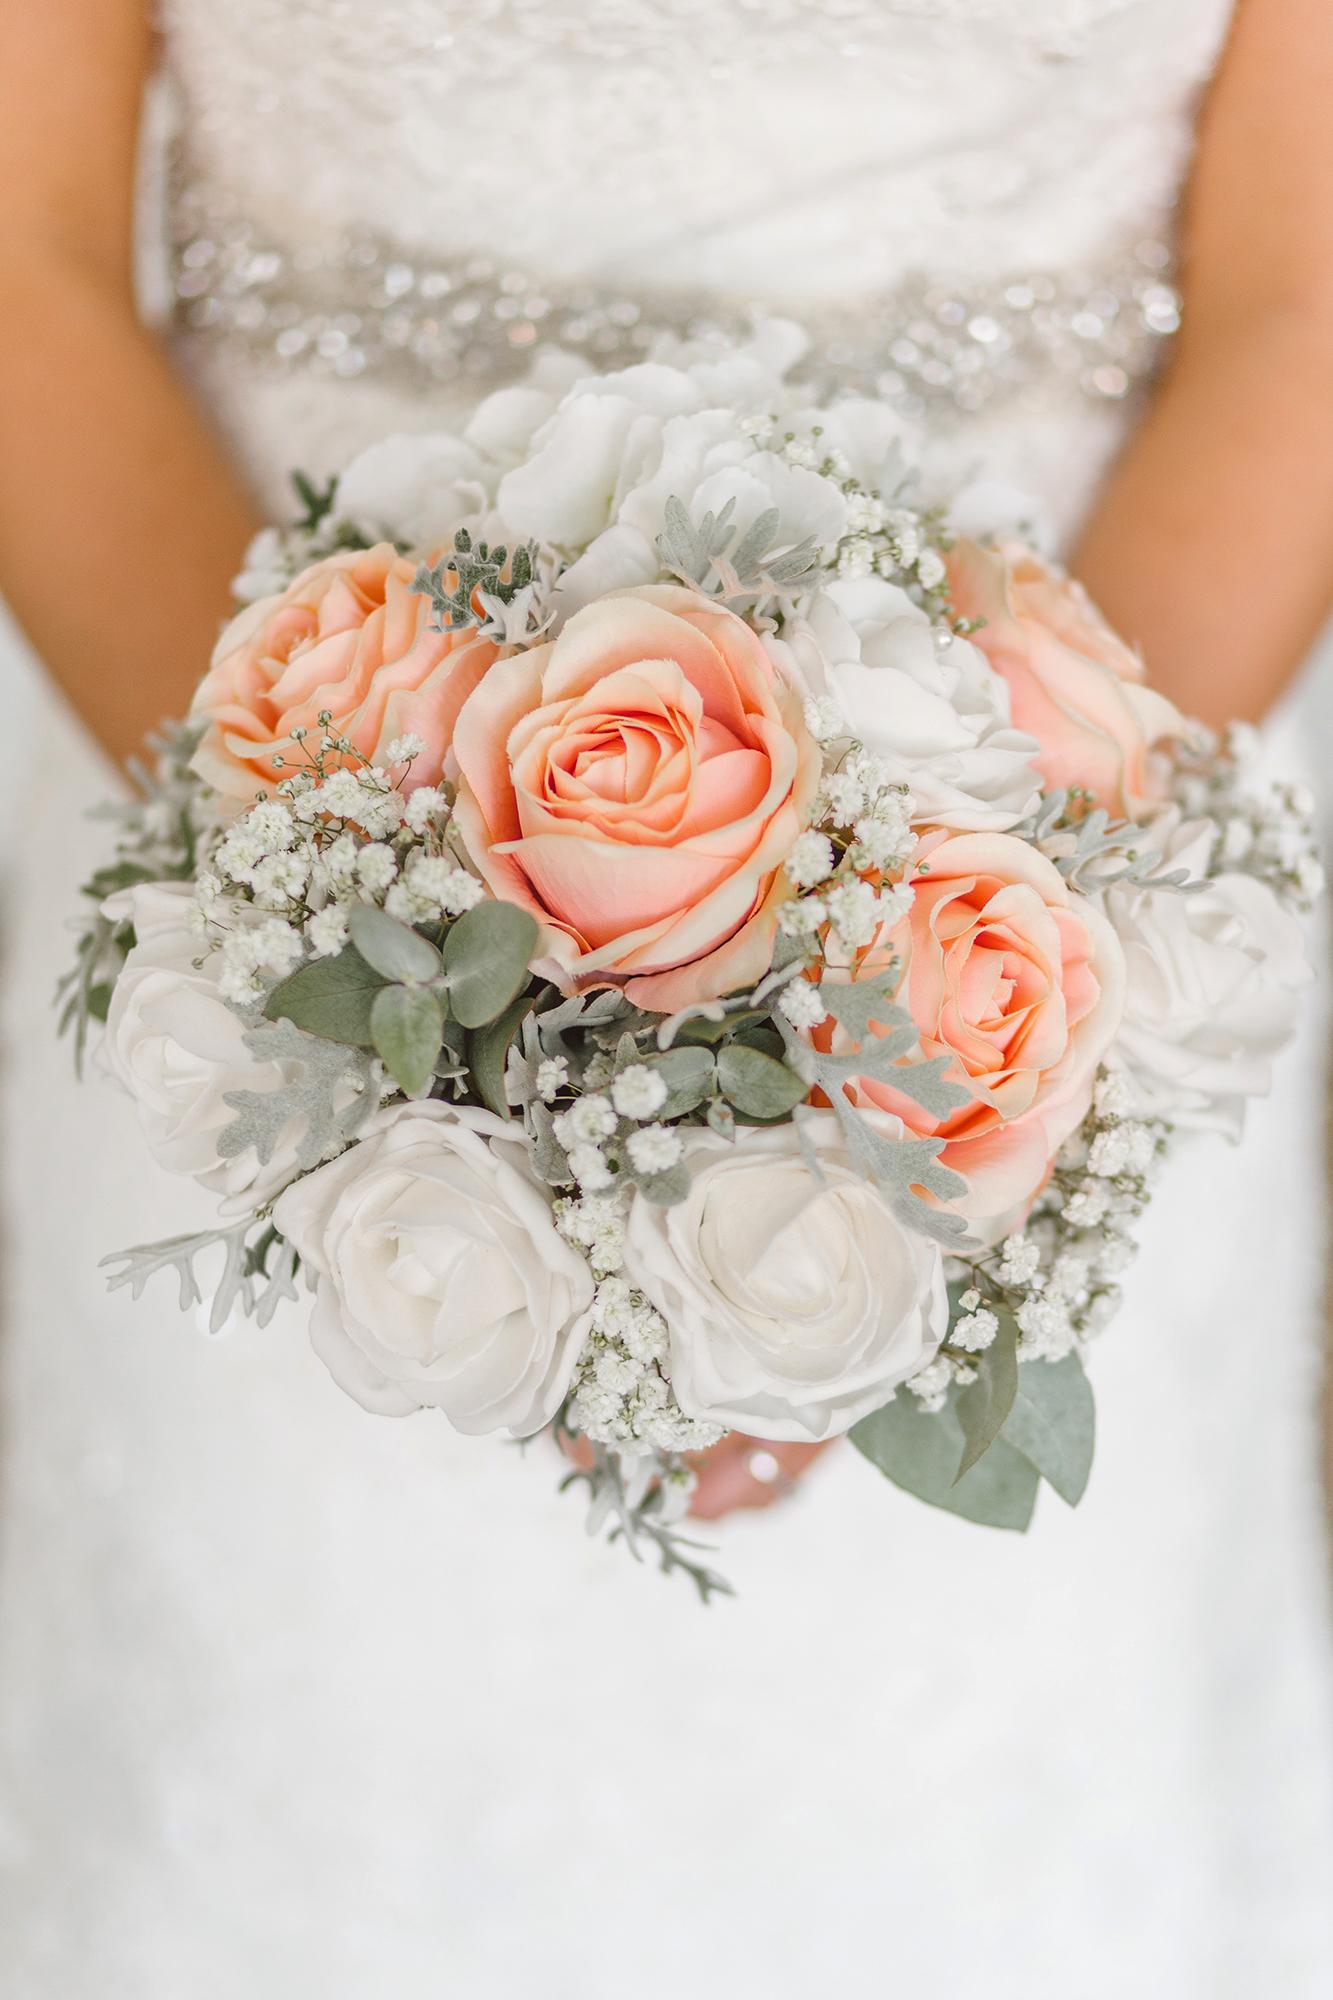 Bilde illustrasjon bryllup brudebukett og brud i hvit kjole